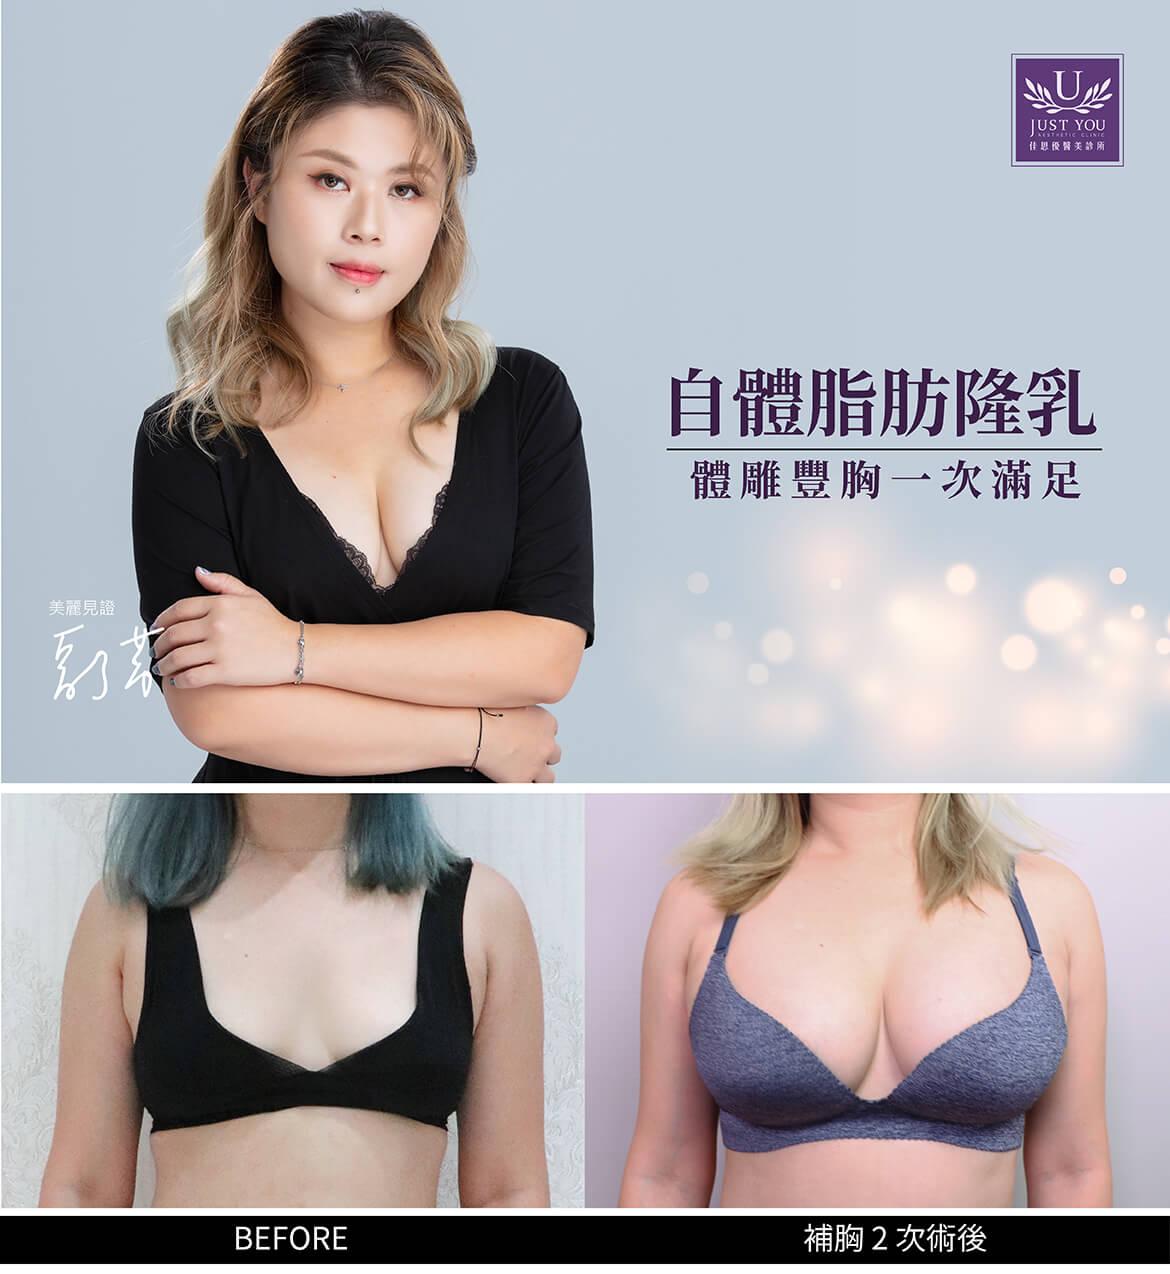 佳思優整形醫美診所李兆翔醫師自體脂肪隆乳美麗見證